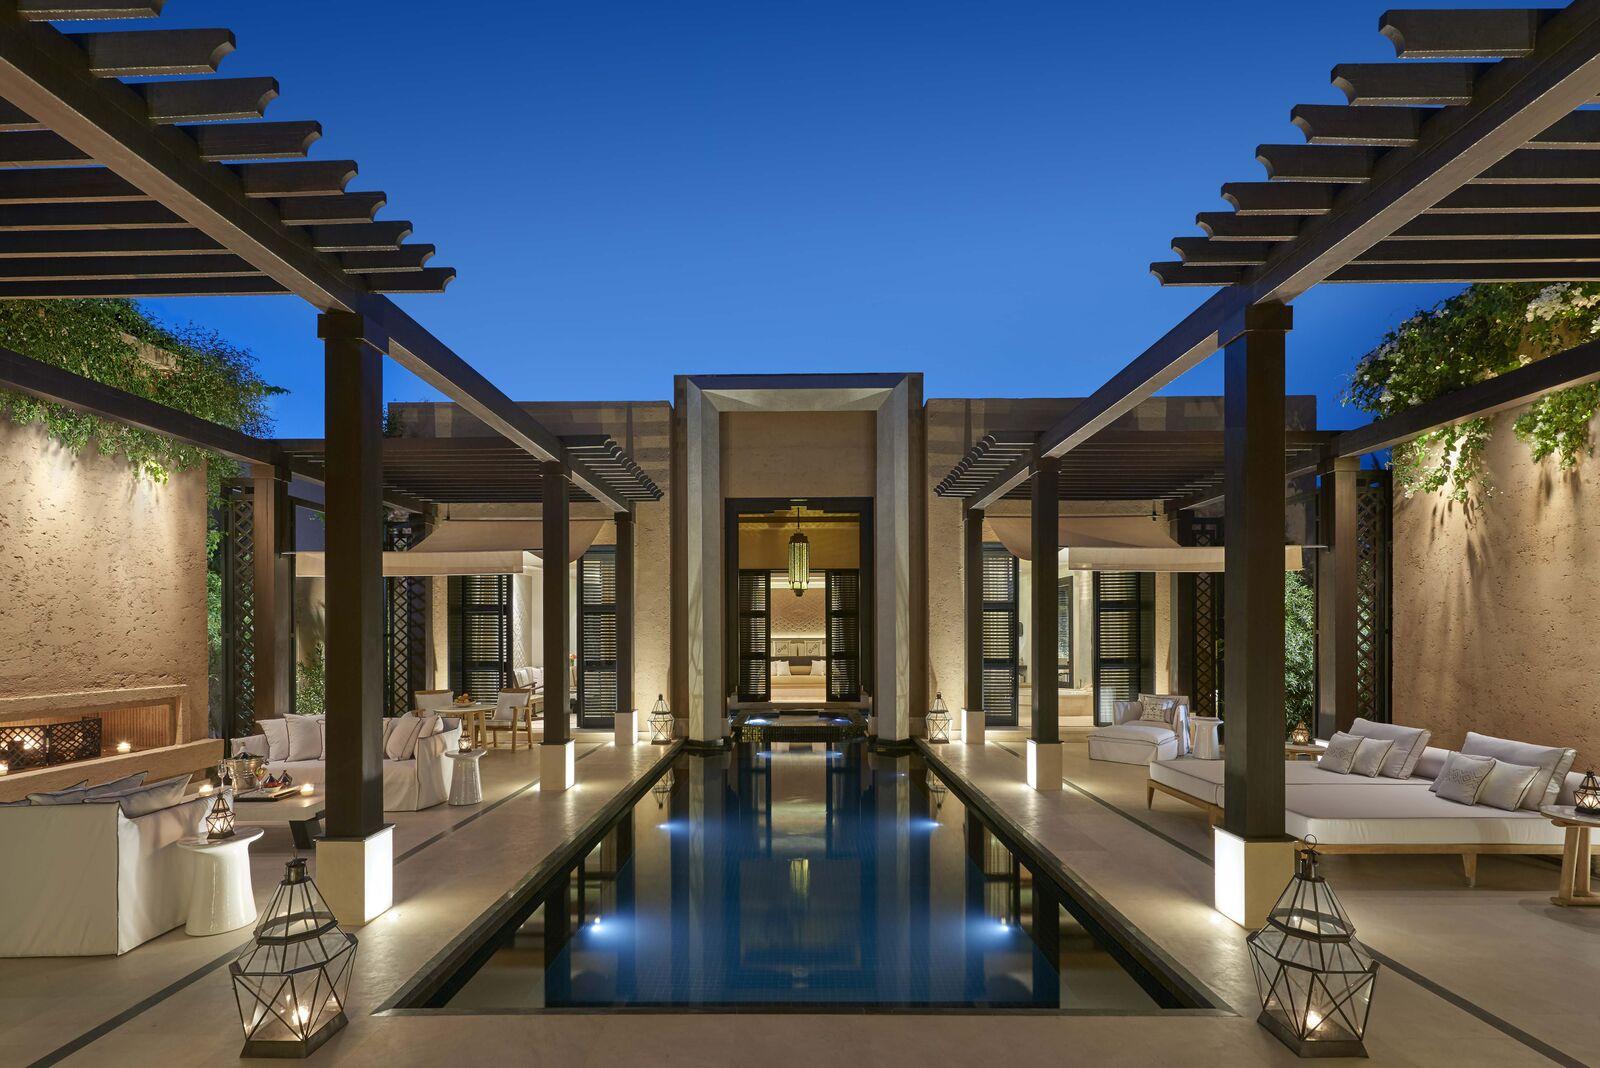 Asiatische Eleganz jetzt in Marrakech: das neue Mandarin Oriental ist eröffnet!